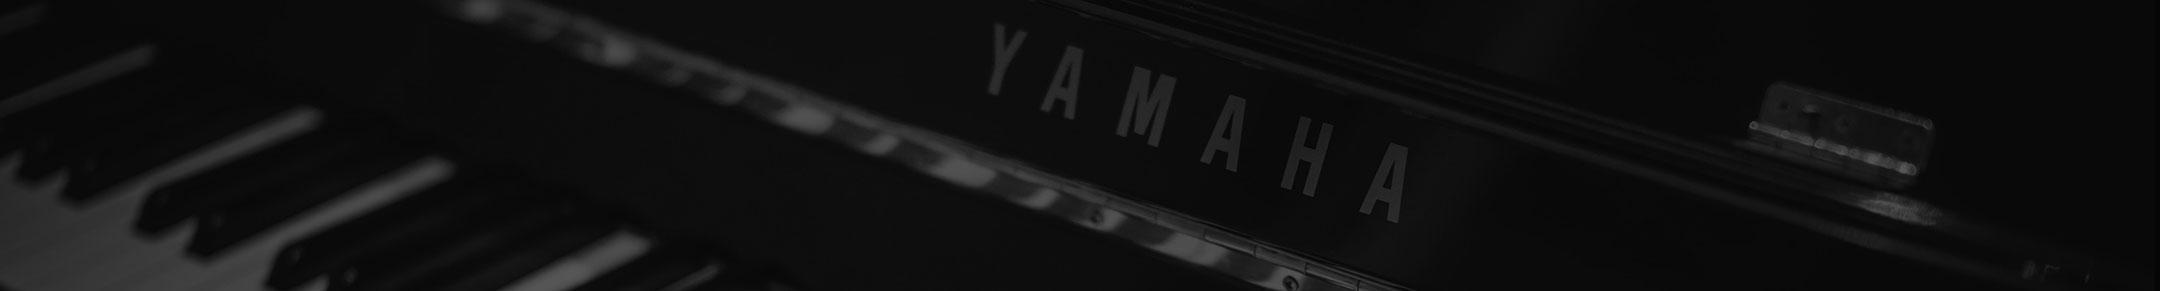 Yamaha GC1M Series